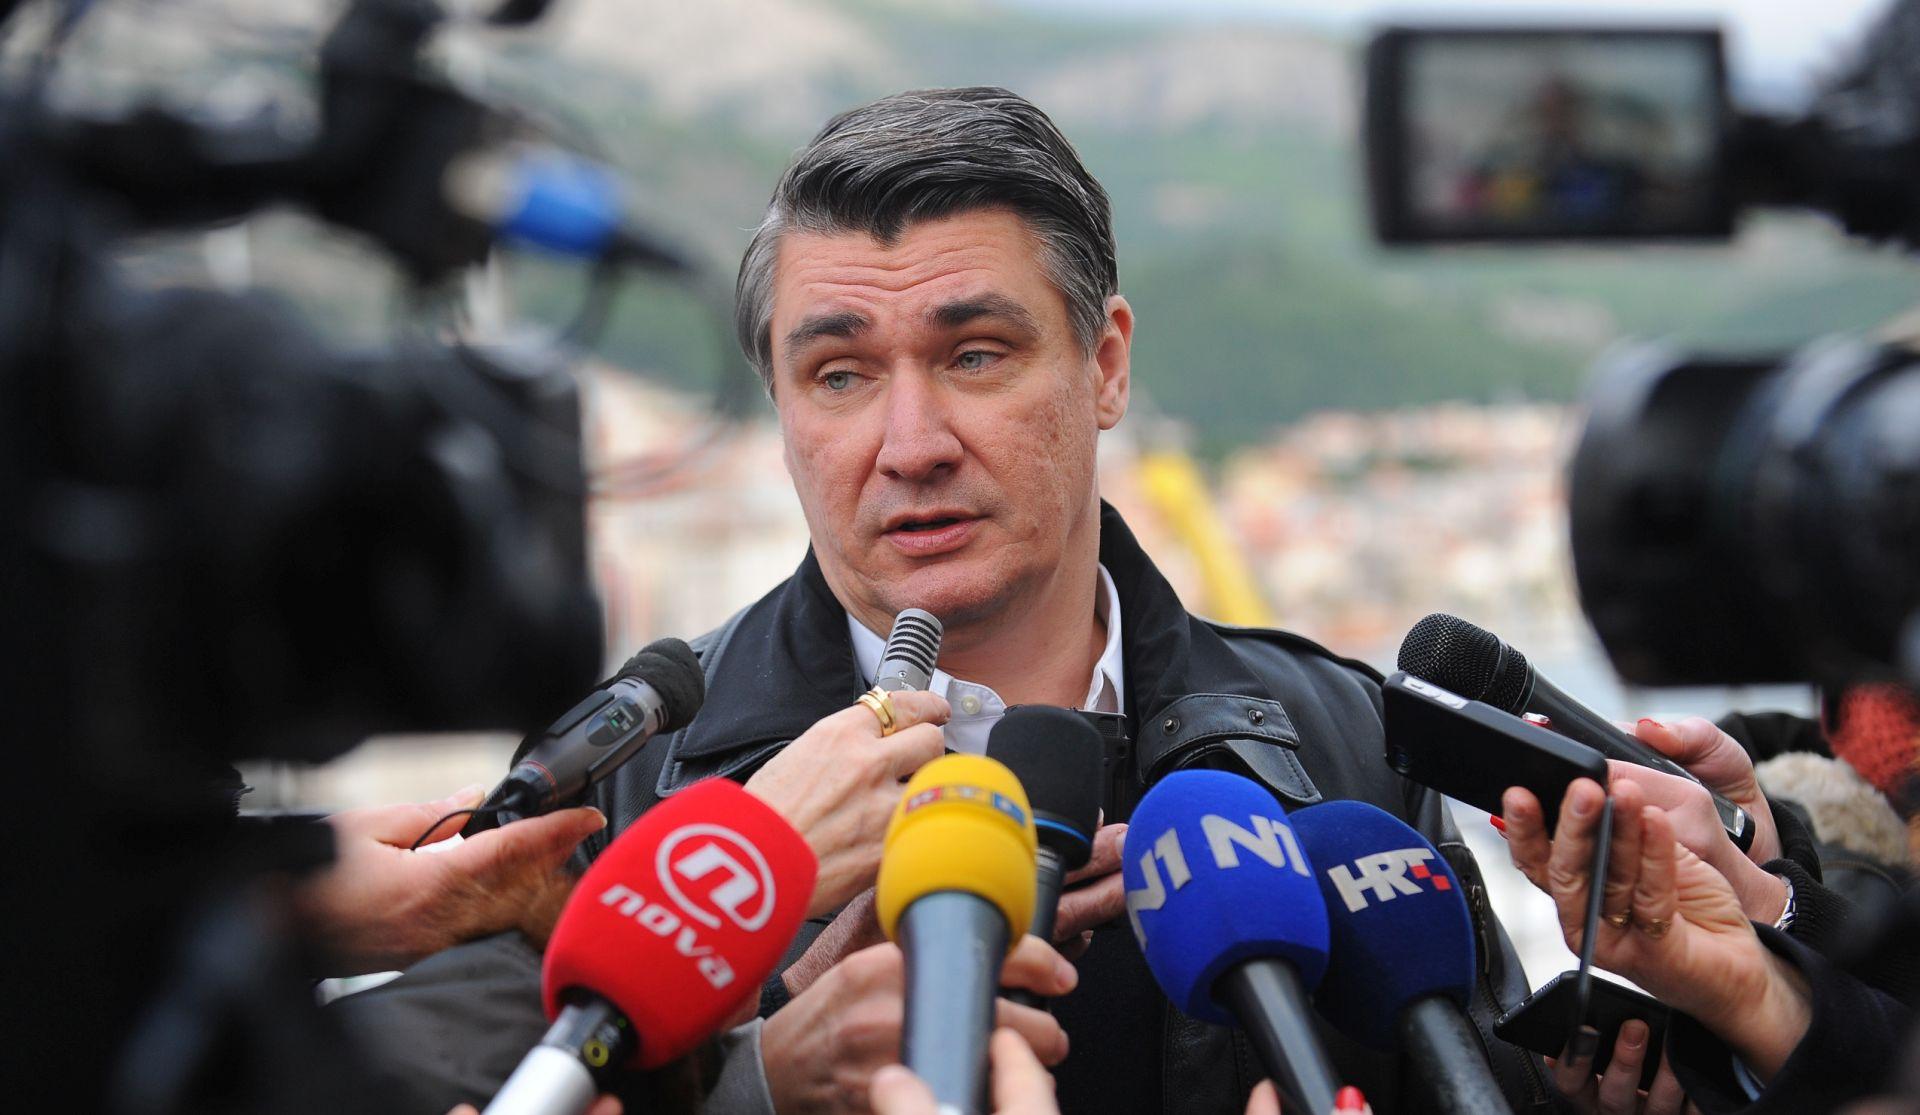 KLJUČNE STAVKE VEĆ DOGOVORENE: SDP odlučuje o predizbornom koaliranju